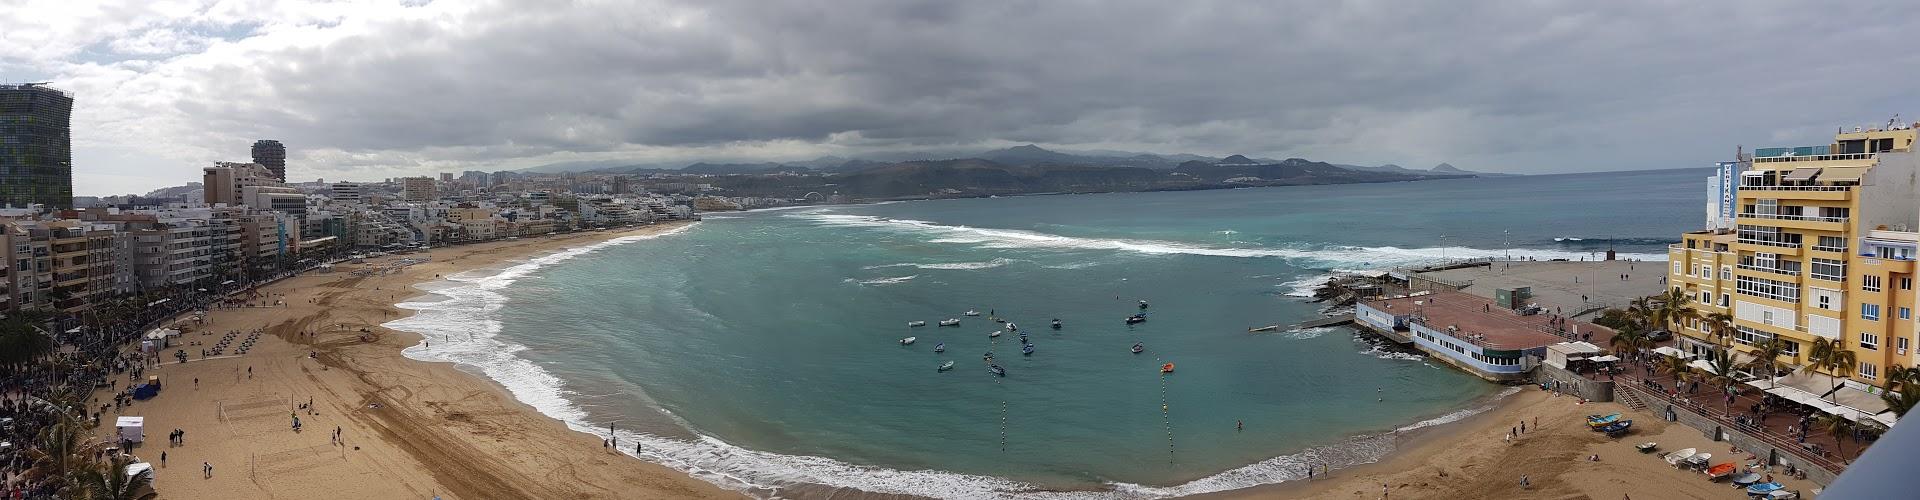 Participación ciudadana para el nuevo reglamento de costas y playas